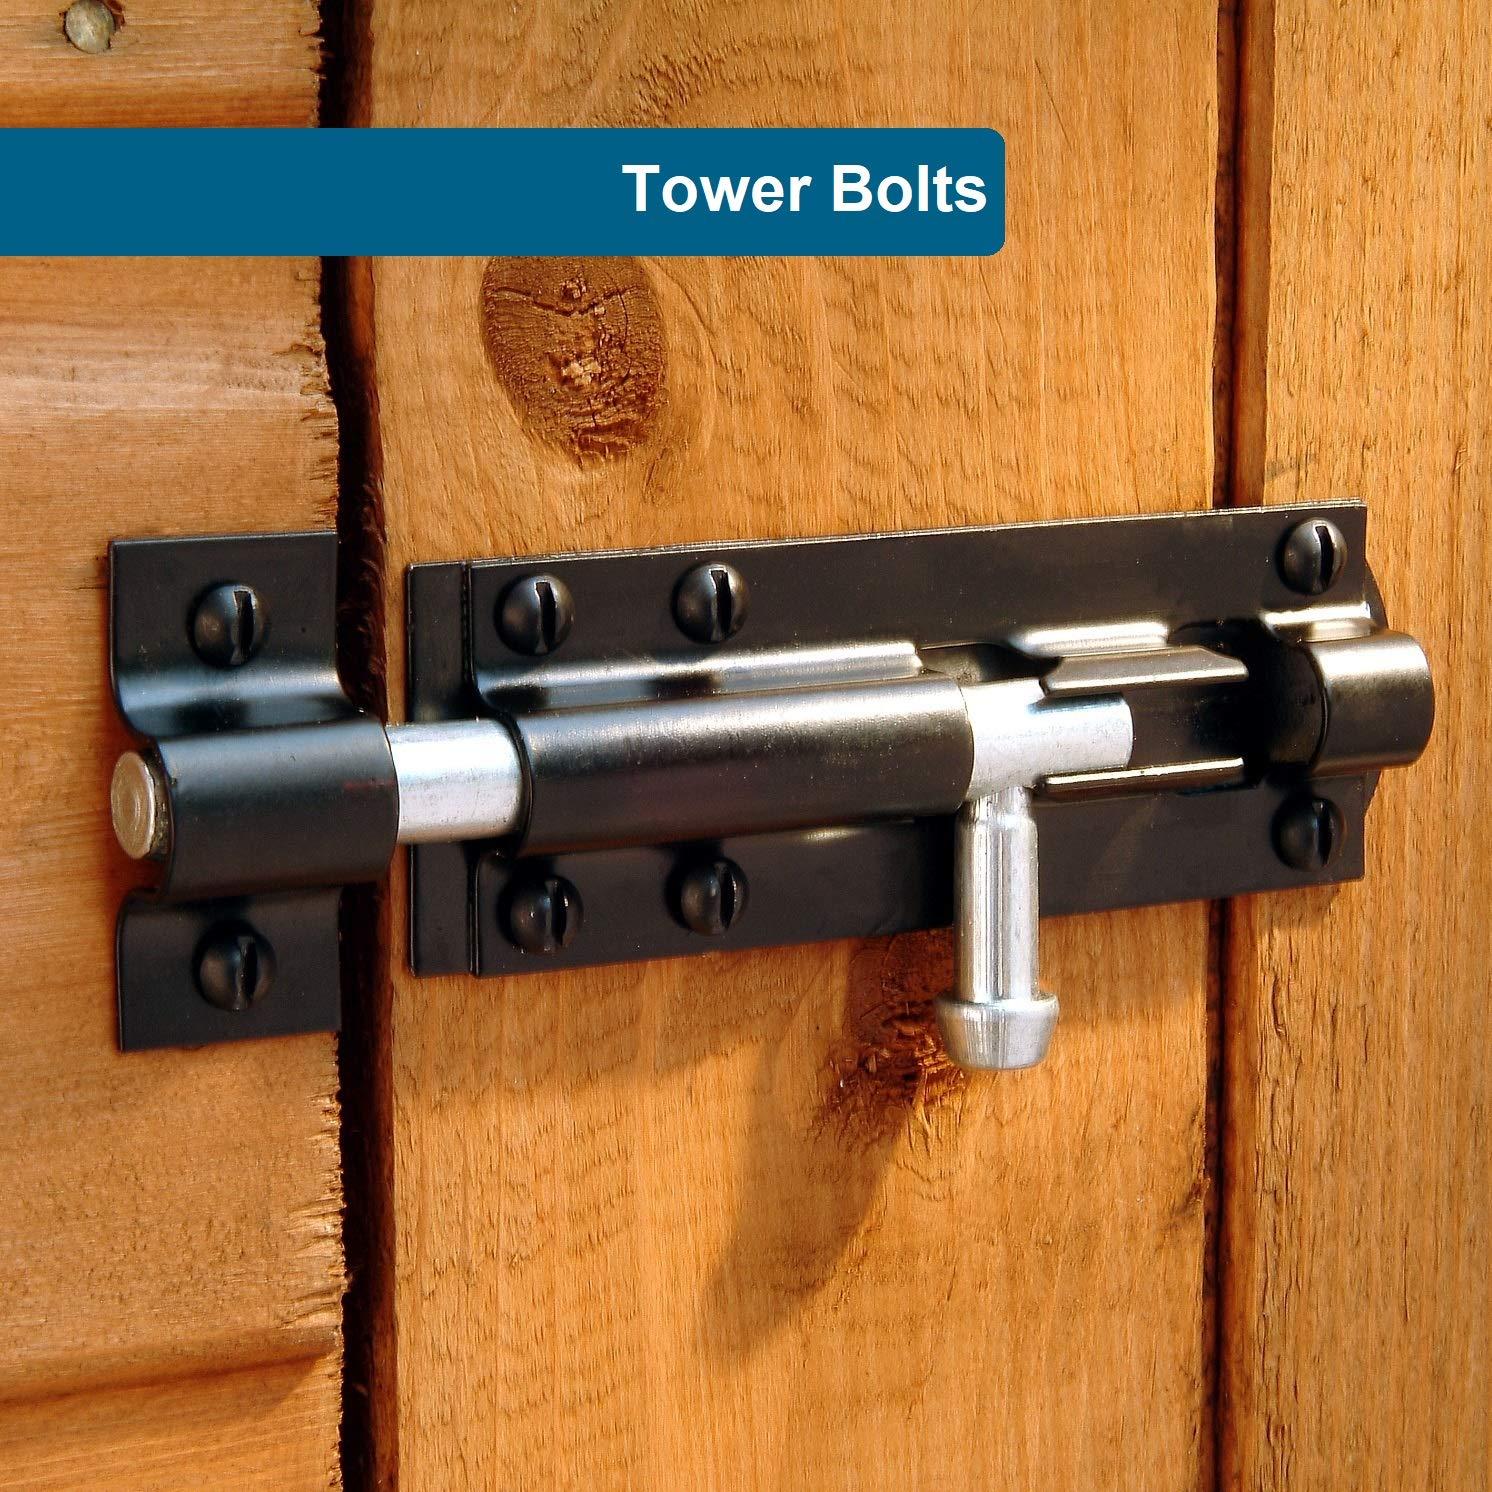 Paquete de 2 cerrojos resistentes para puerta, cerrojo deslizante, ideal para jardín, puerta de entrada y puerta de cobertizo: Amazon.es: Bricolaje y ...